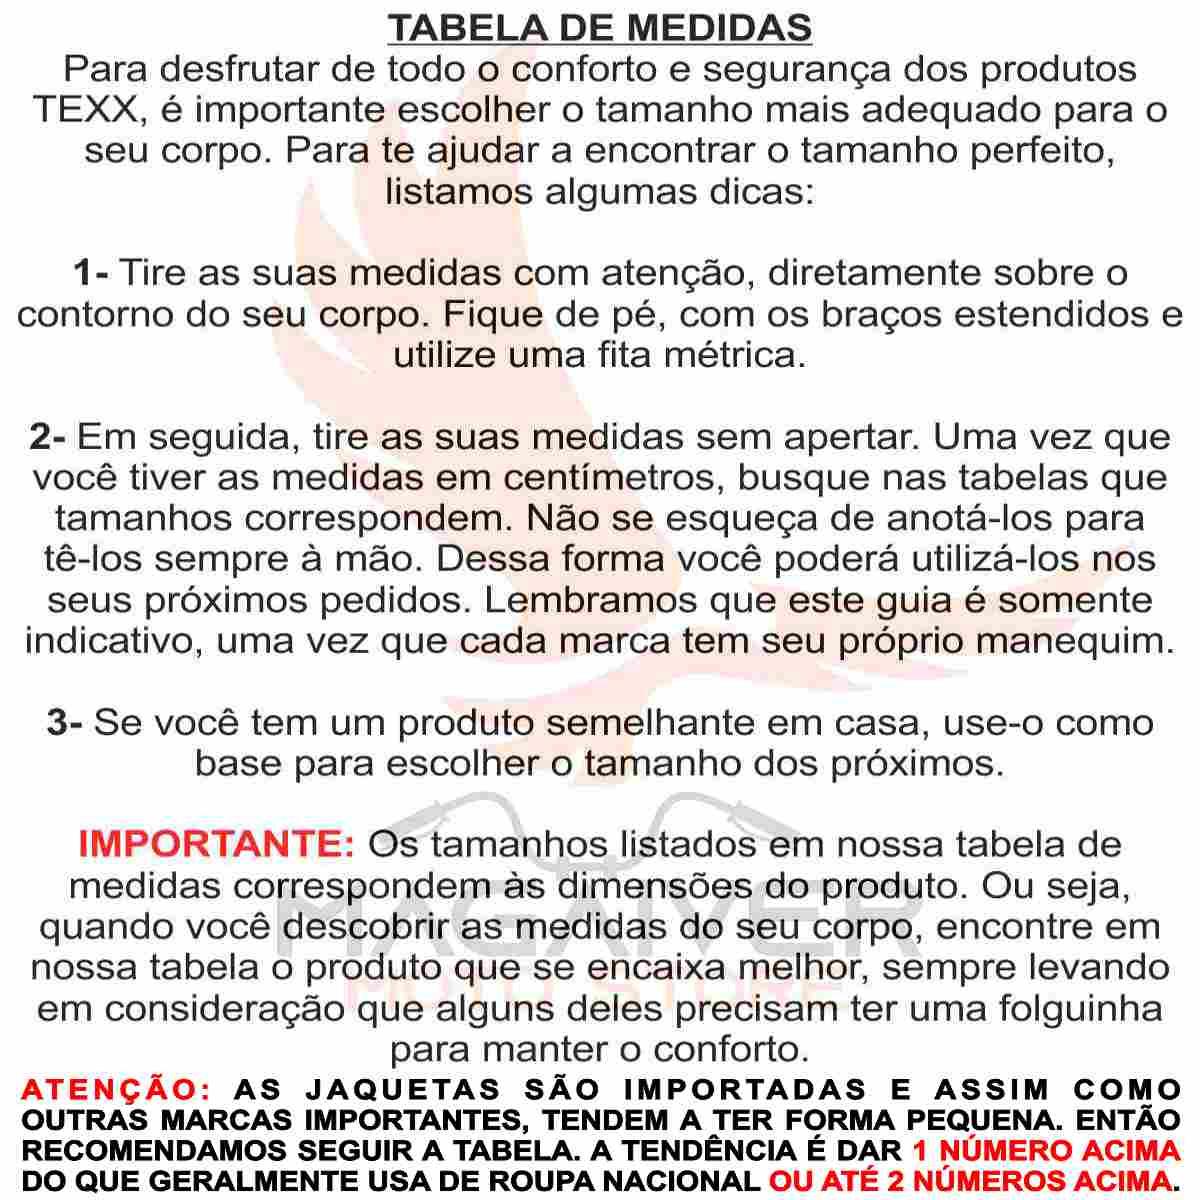 JAQUETA DE MOTO MASCULINA MOTOCICLISTA TEXX NEW STRIKE COM PROTEÇÃO OMBROS COTOVELOS COSTAS